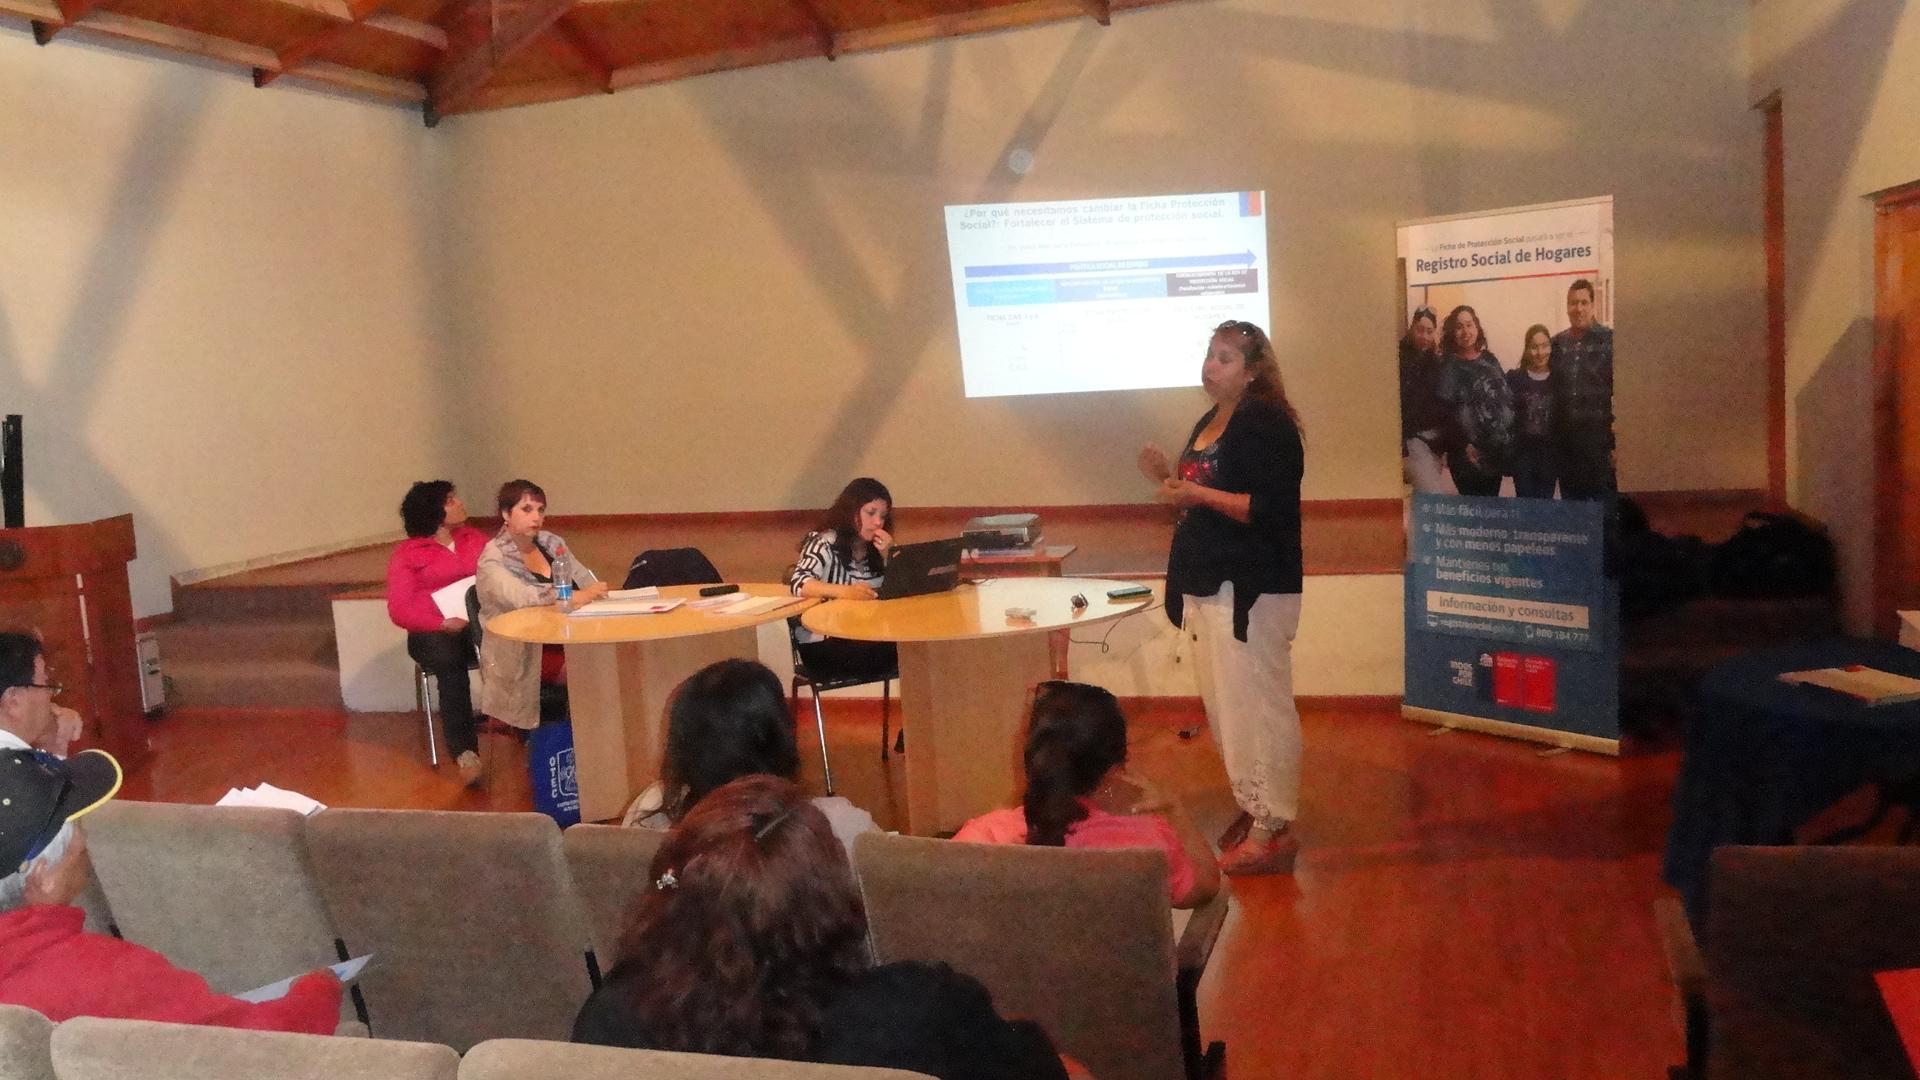 Cabildo Ciudadano informa del Registro Social de Hogares en Alto del Carmen